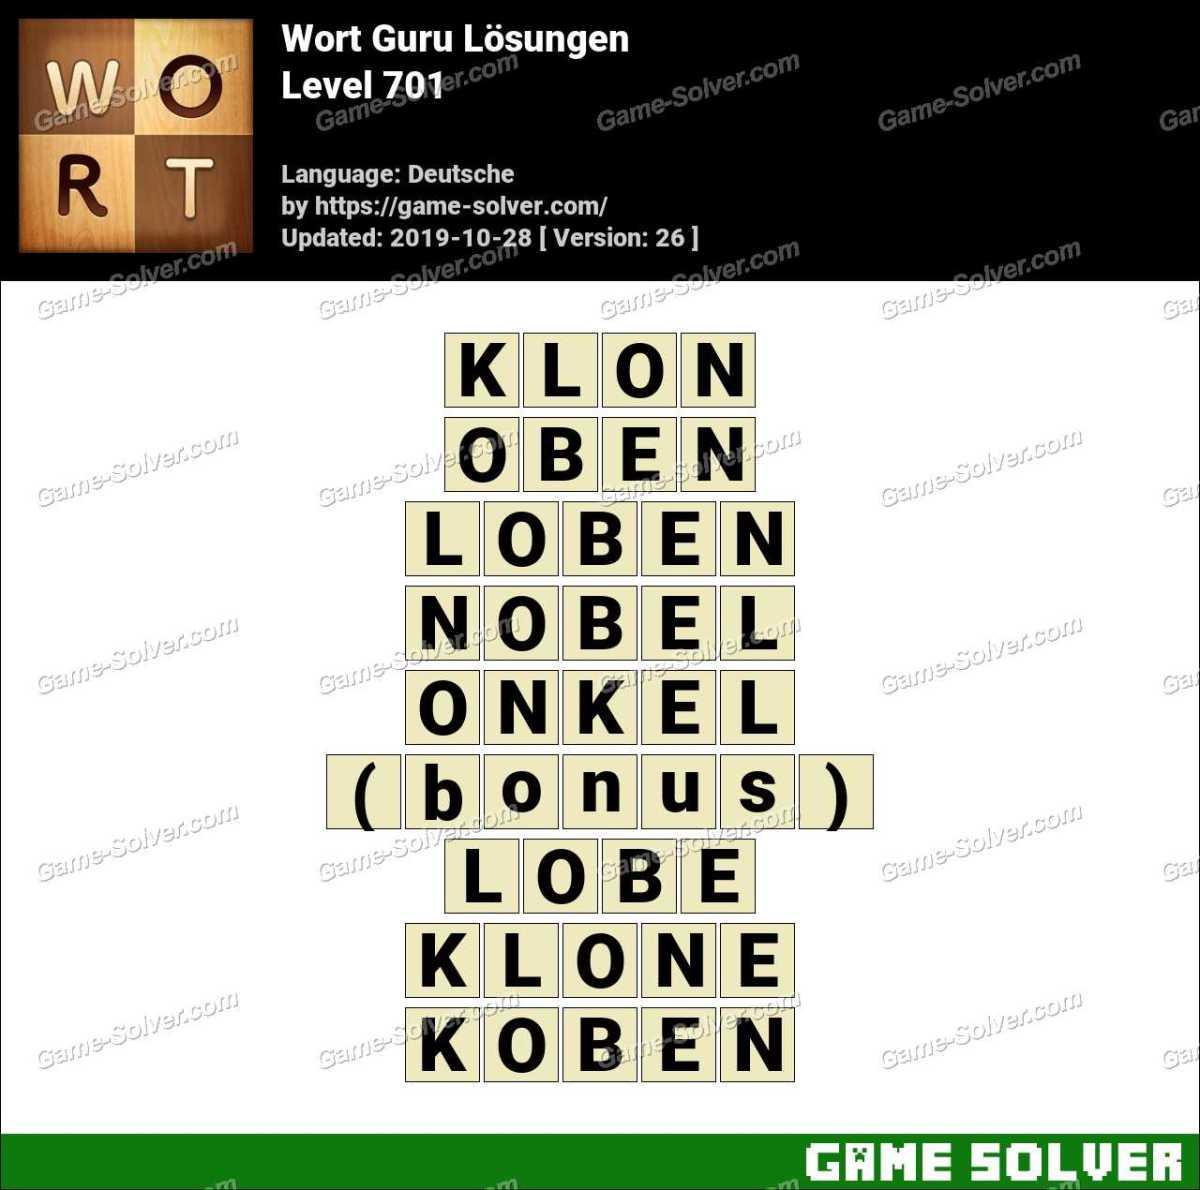 Wort Guru Level 701 Lösungen